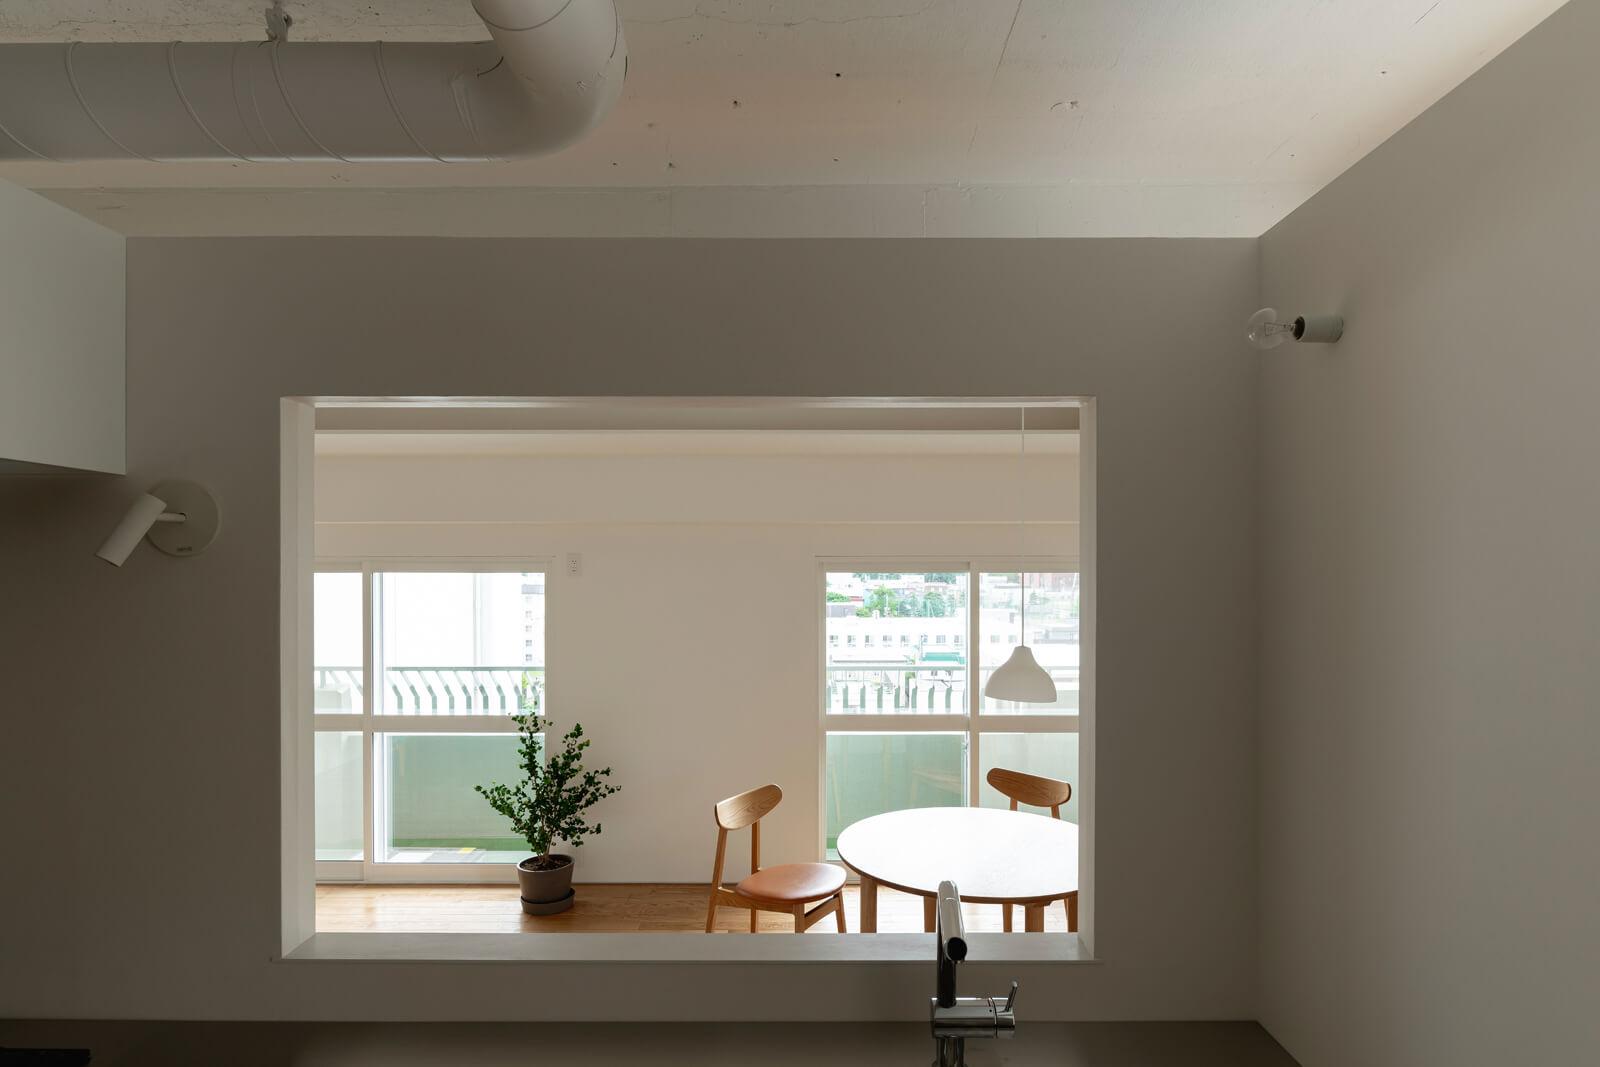 窓から外を眺めるような景色が楽しいキッチンからの眺め